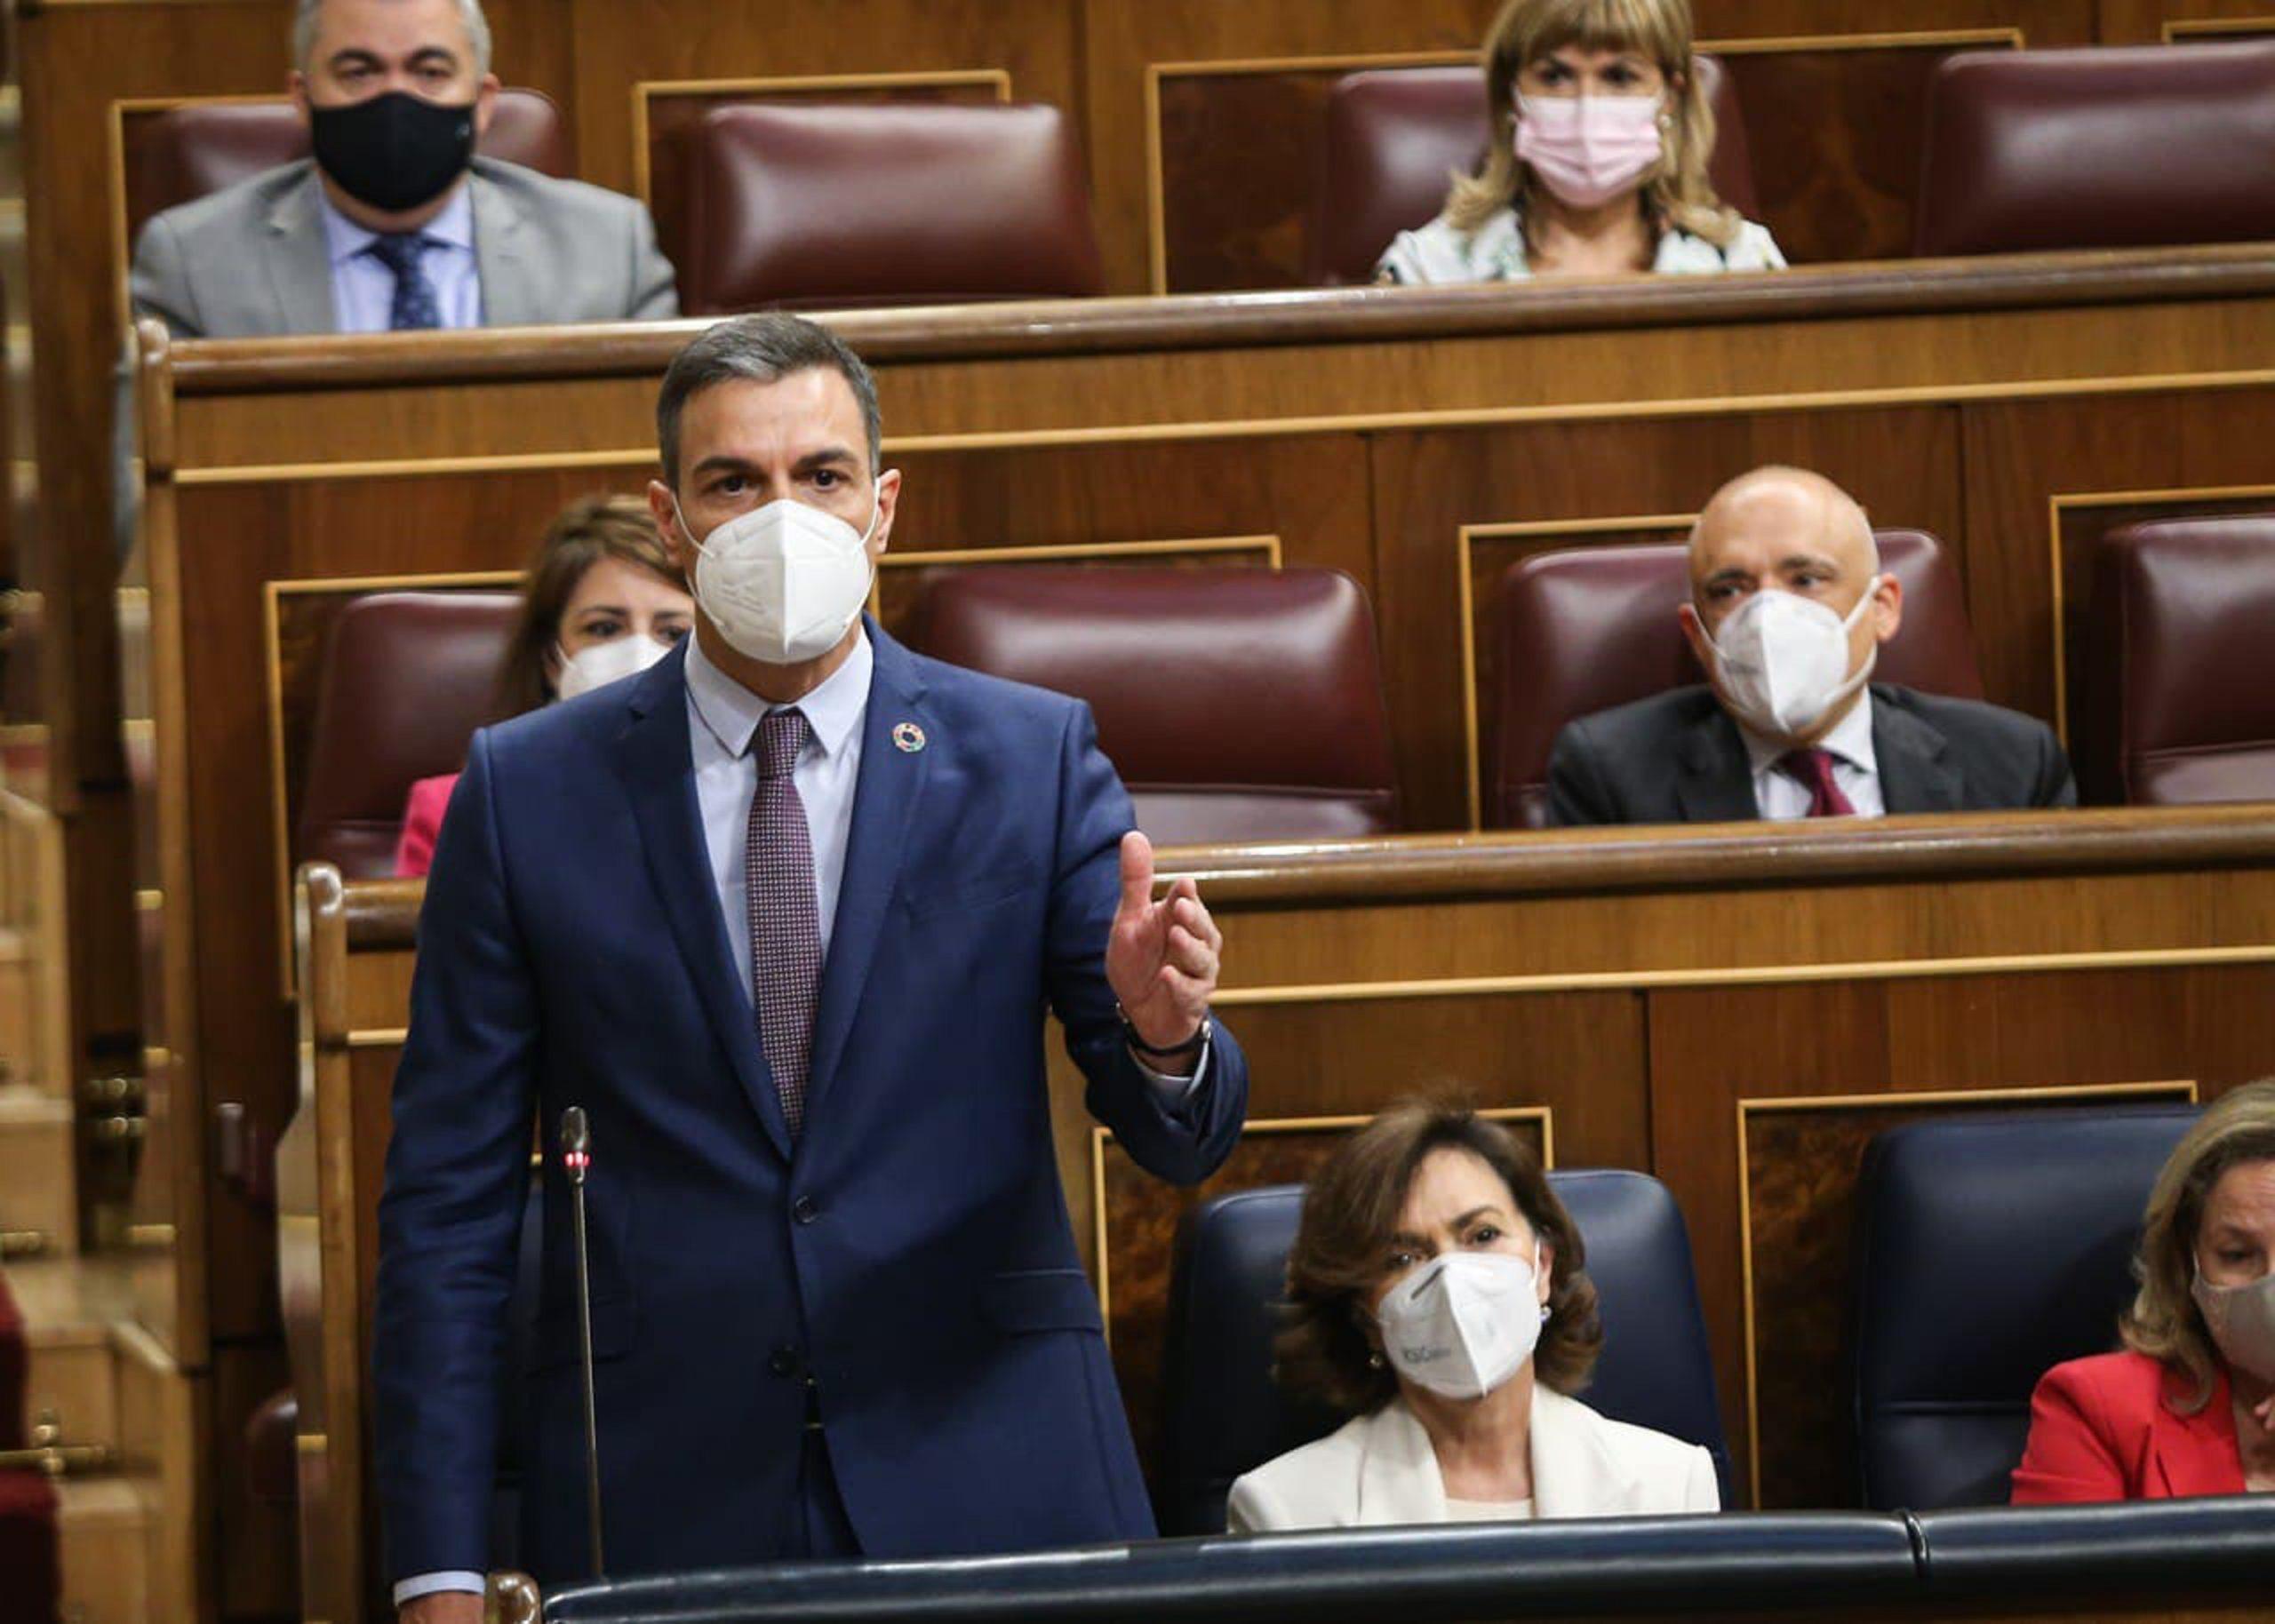 El president del govern espanyol, a la sessió de control del Congrés   ACN